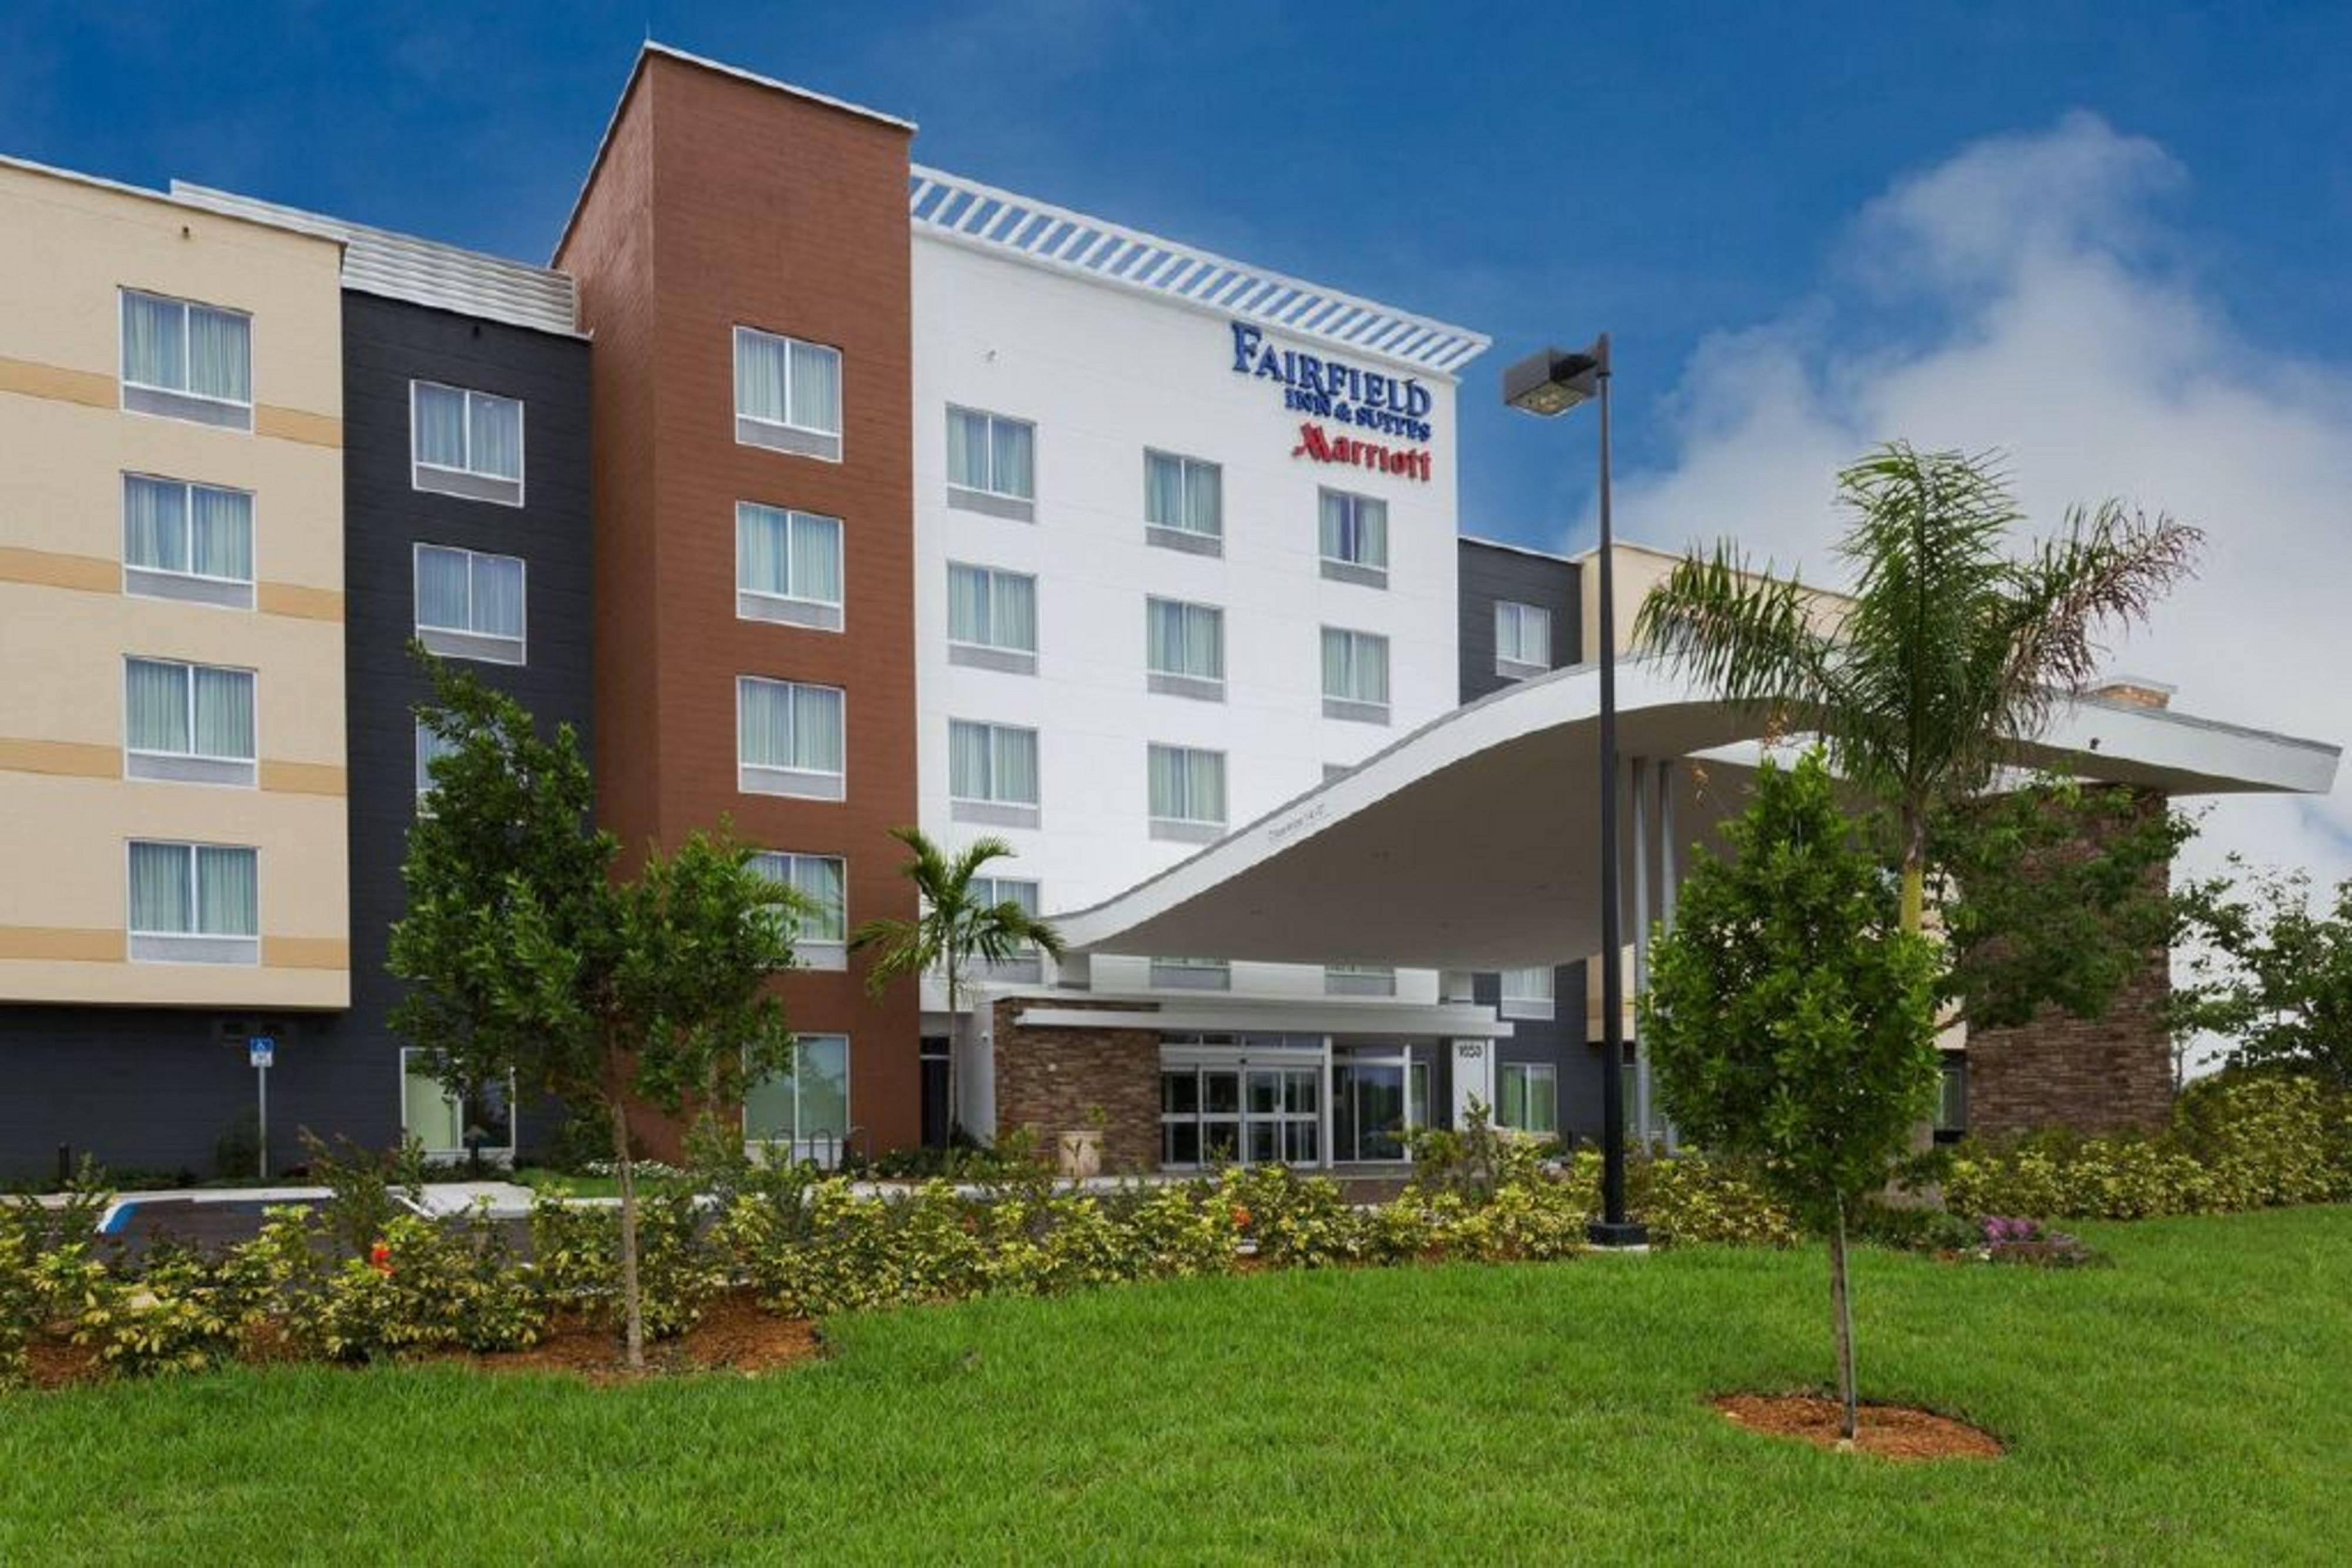 Fairfield Inn N Stes Marriott